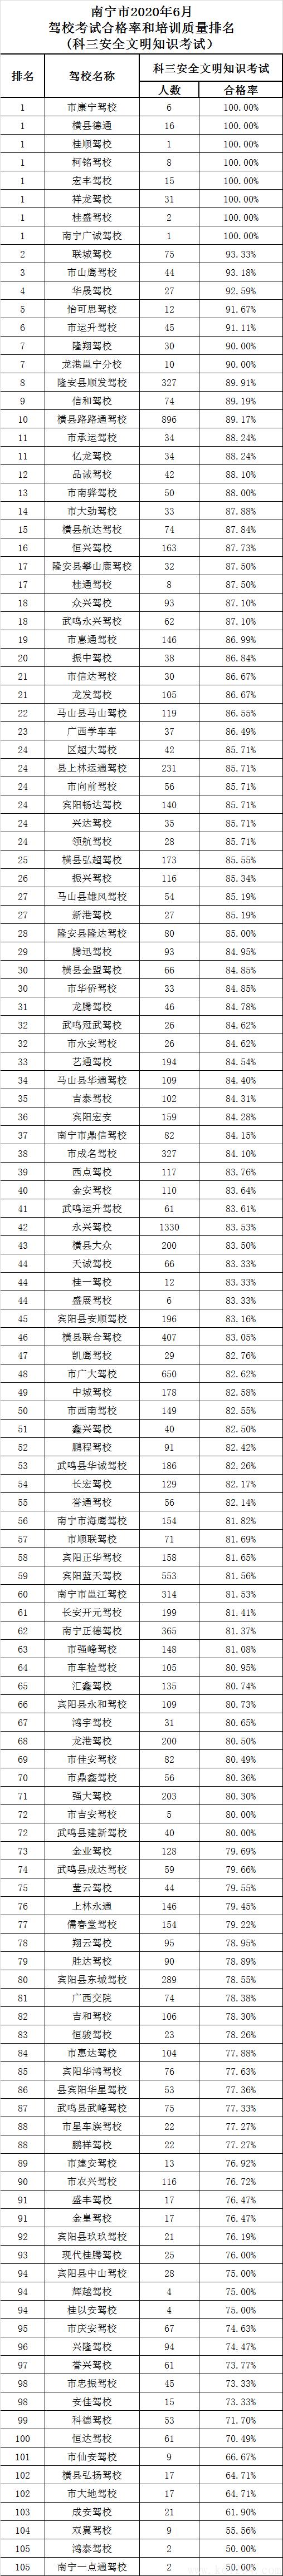 2020年六月份南宁市驾校培训质量哪家强?